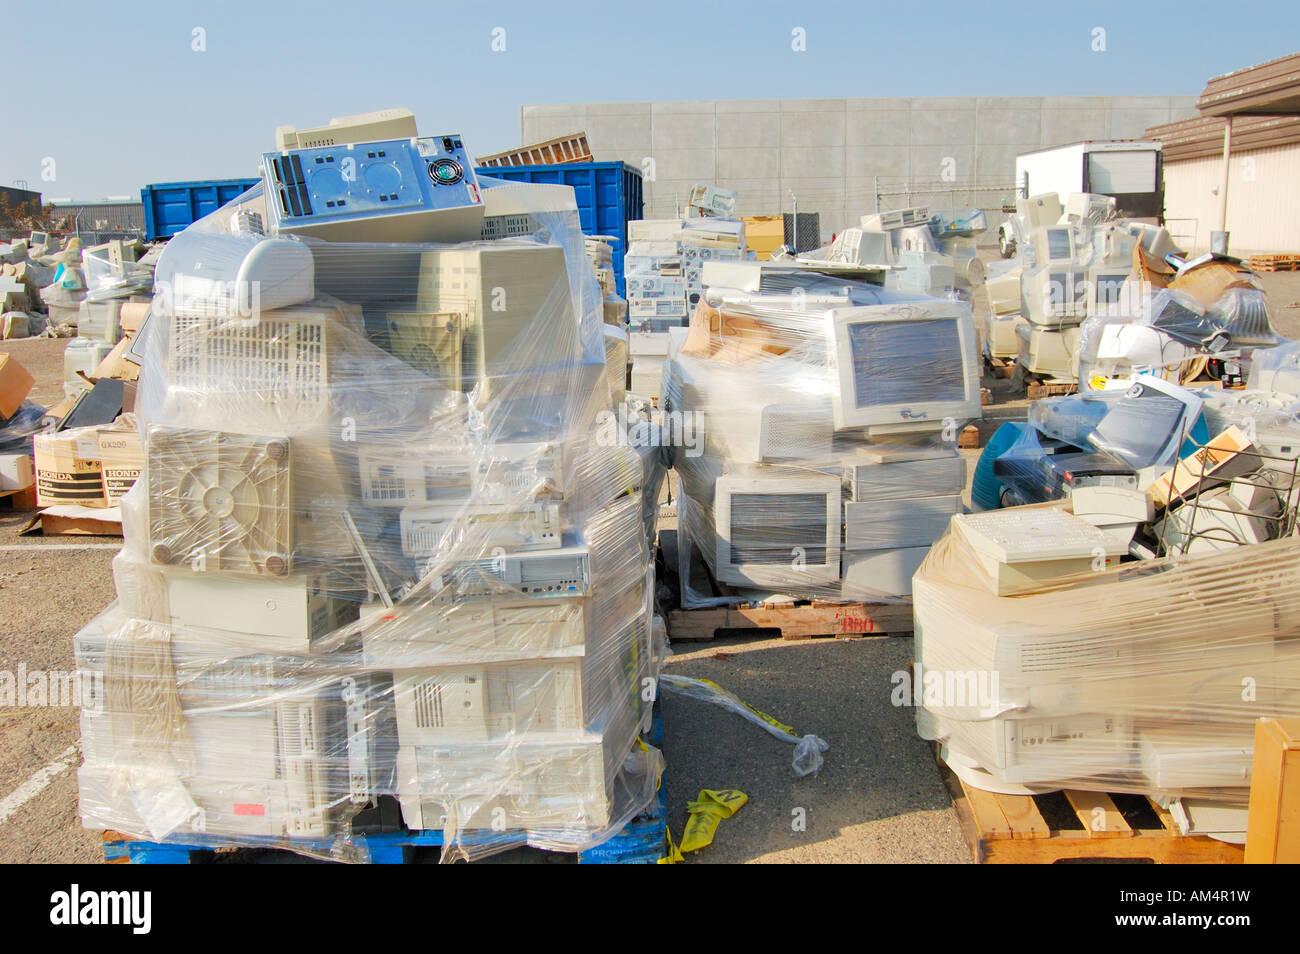 Les déchets électroniques Les déchets électroniques des ordinateurs d'occasion en attente Photo Stock